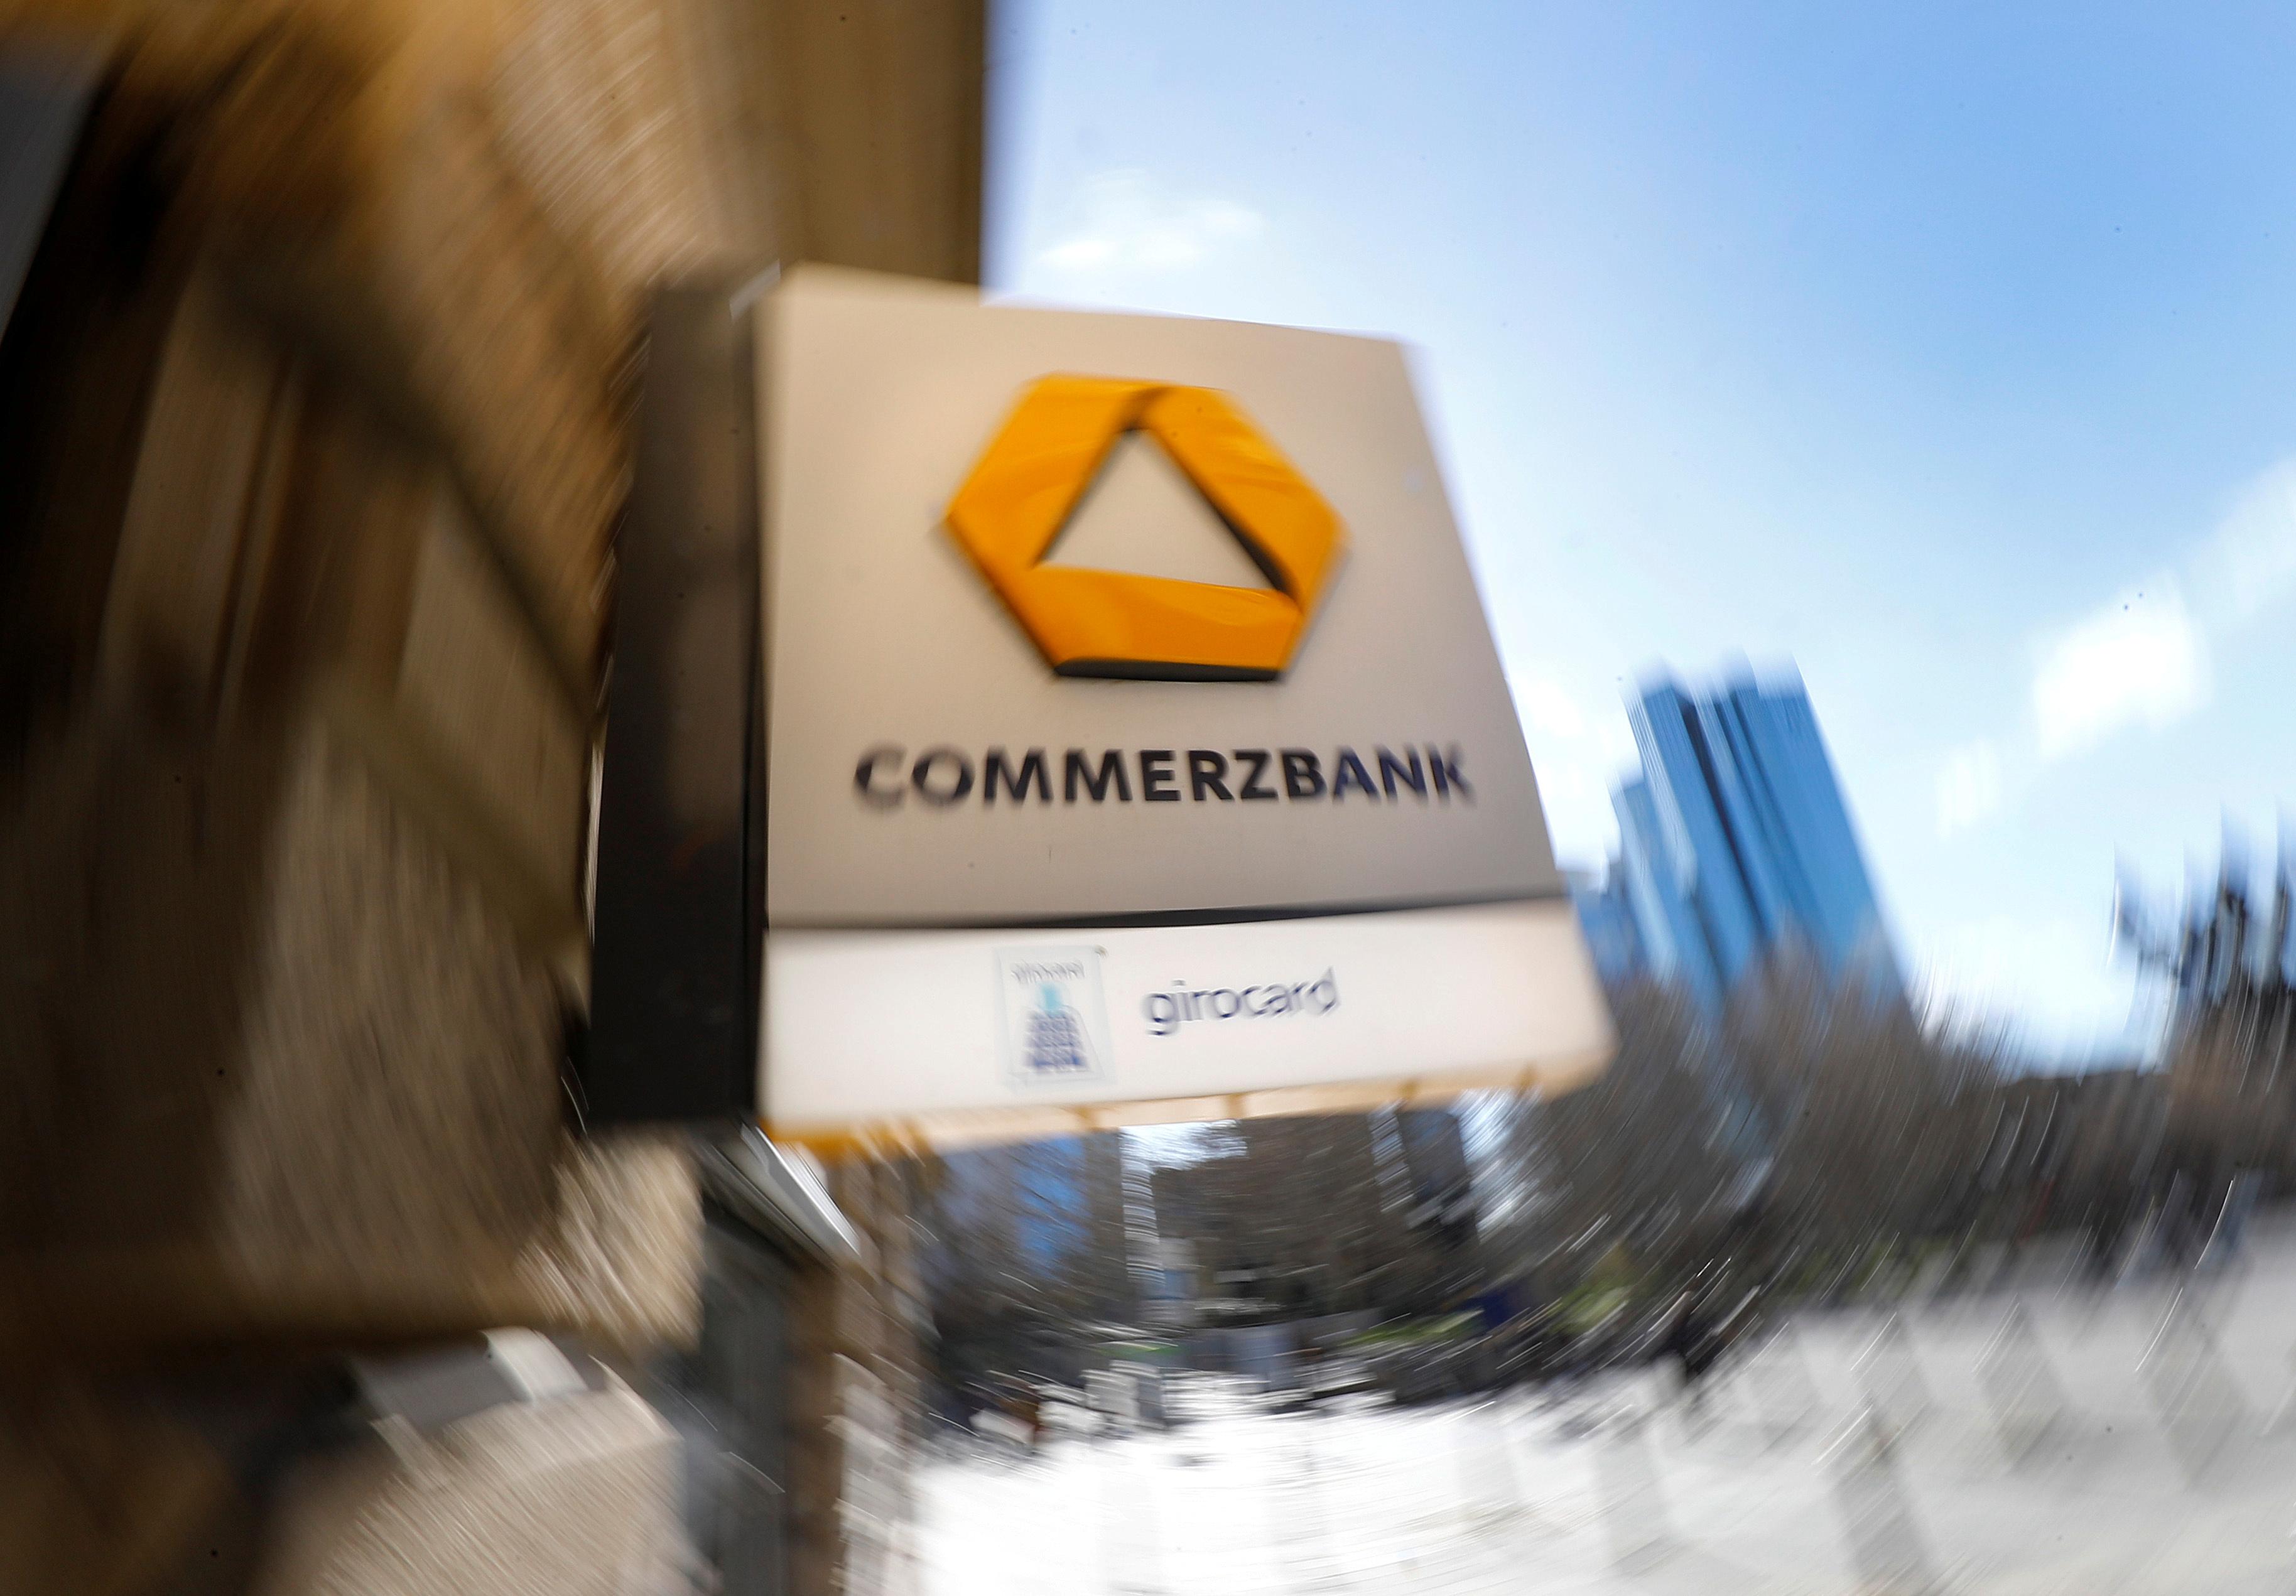 commerzbank-publie-un-benefice-en-chute-de-54-au-1er-trimestre